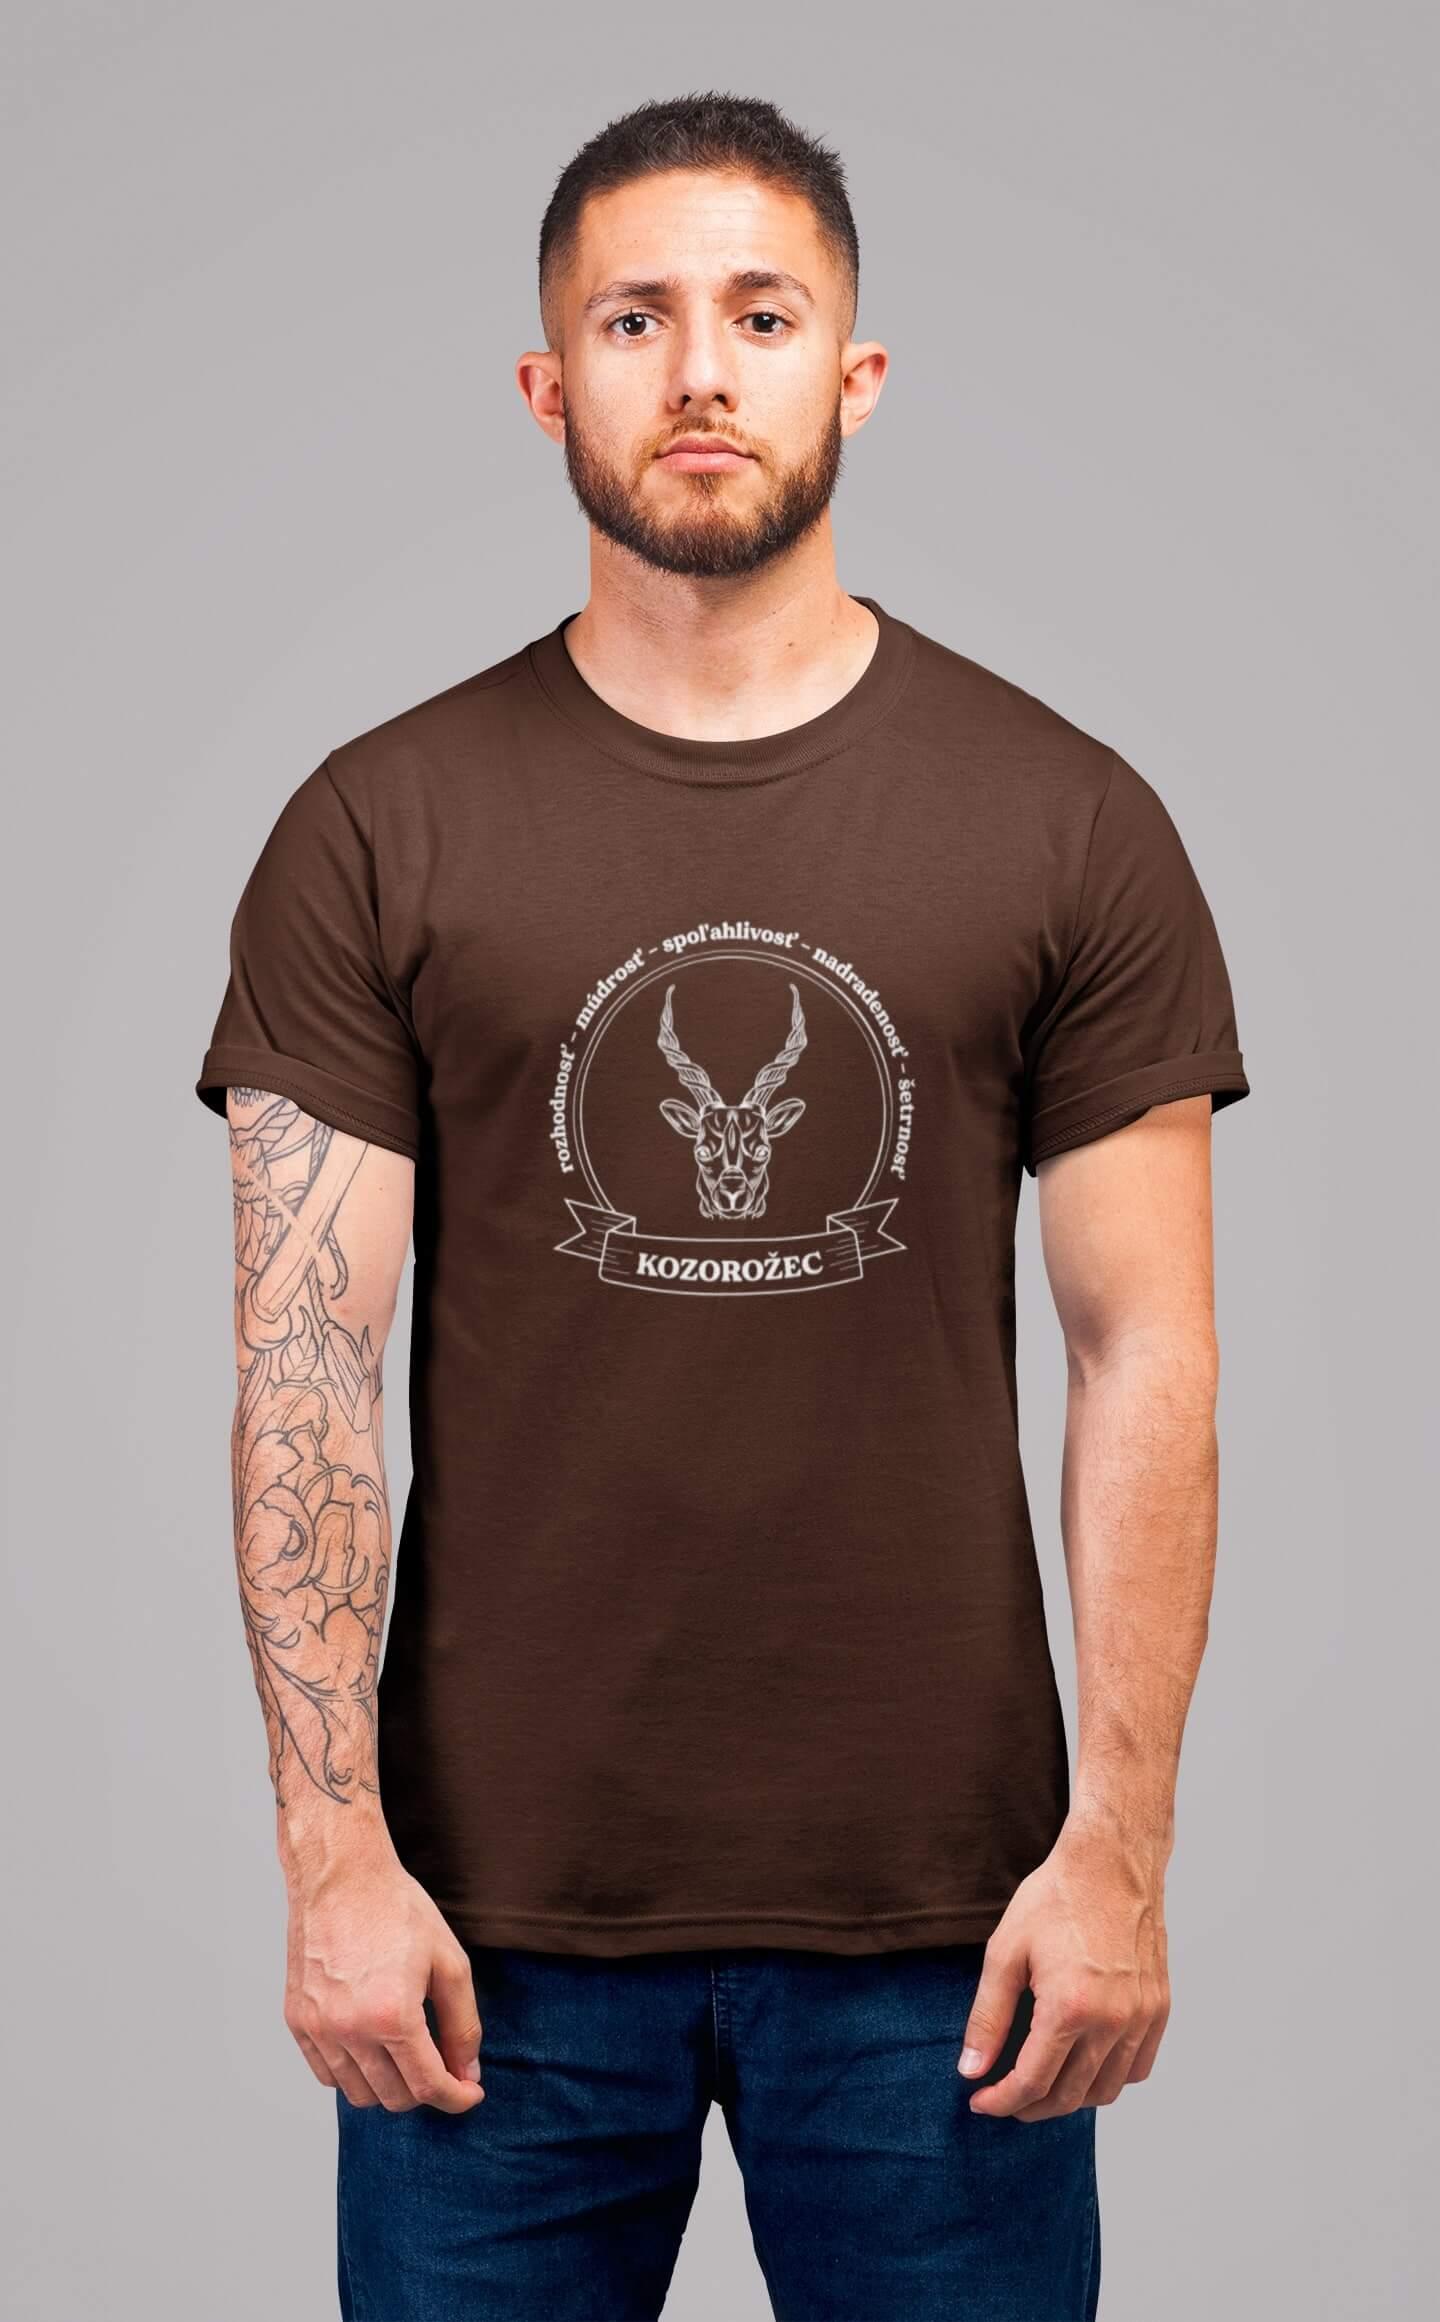 MMO Pánske tričko Kozorožec Vyberte farbu: Čokoládová, Vyberte veľkosť: XL